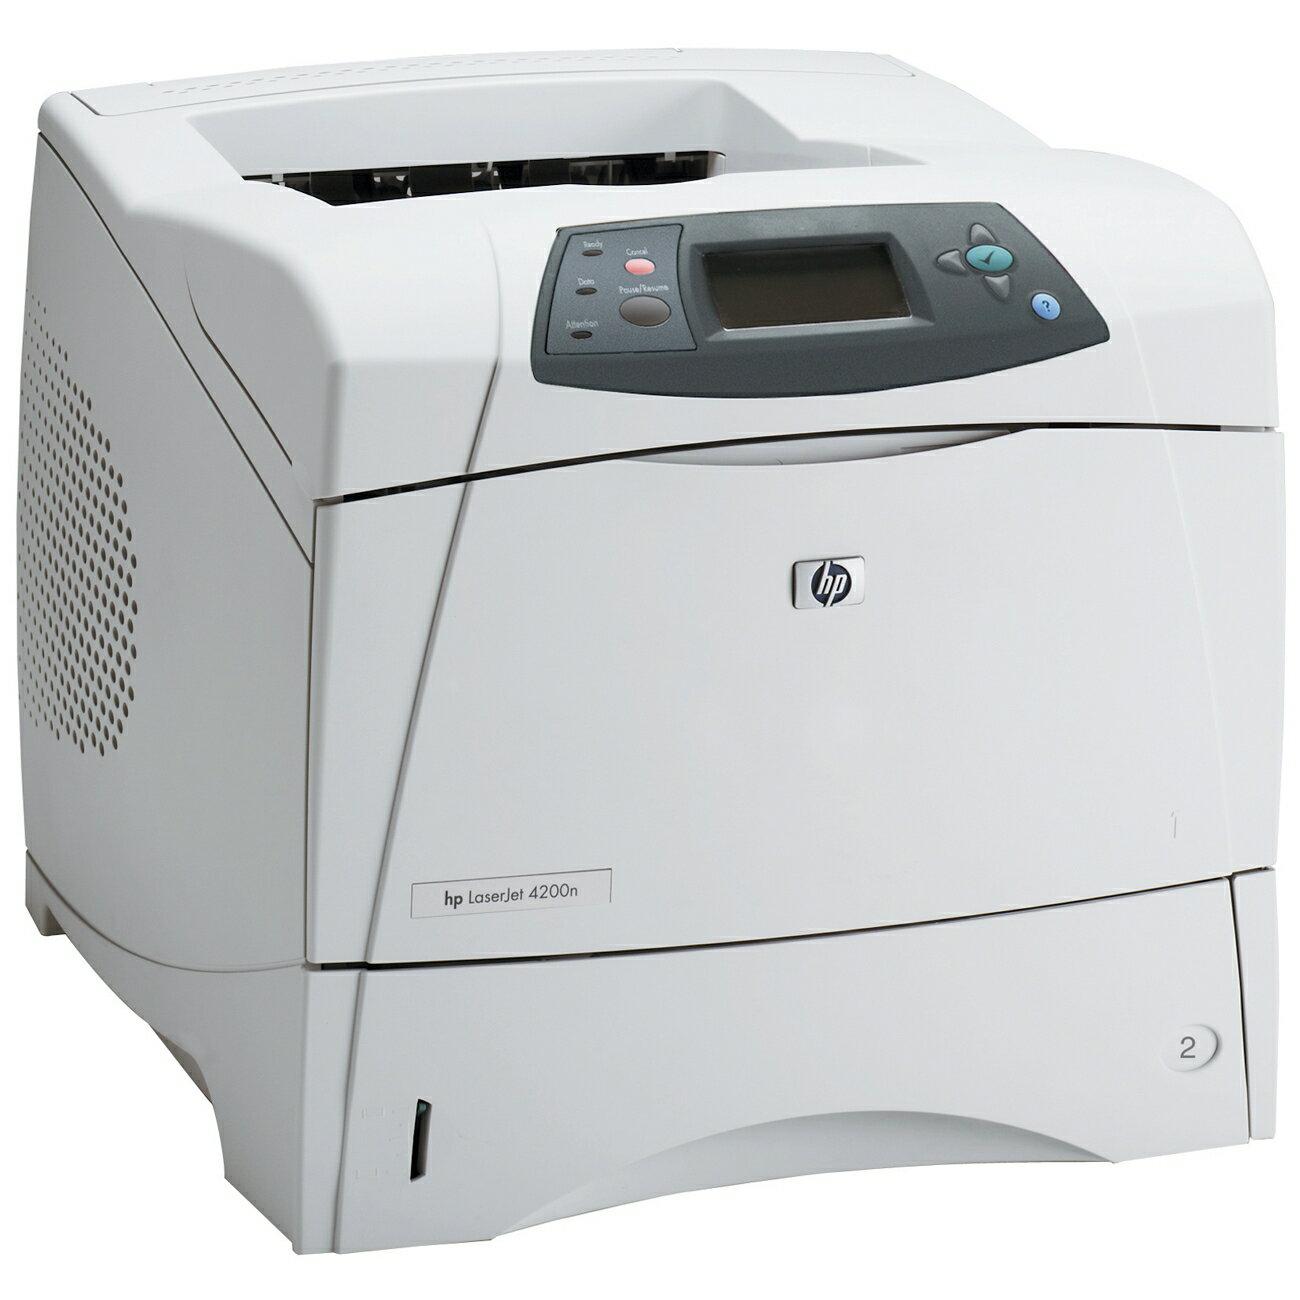 HP LaserJet 4200N Laser Printer - Monochrome - 35 ppm Mono Print 0